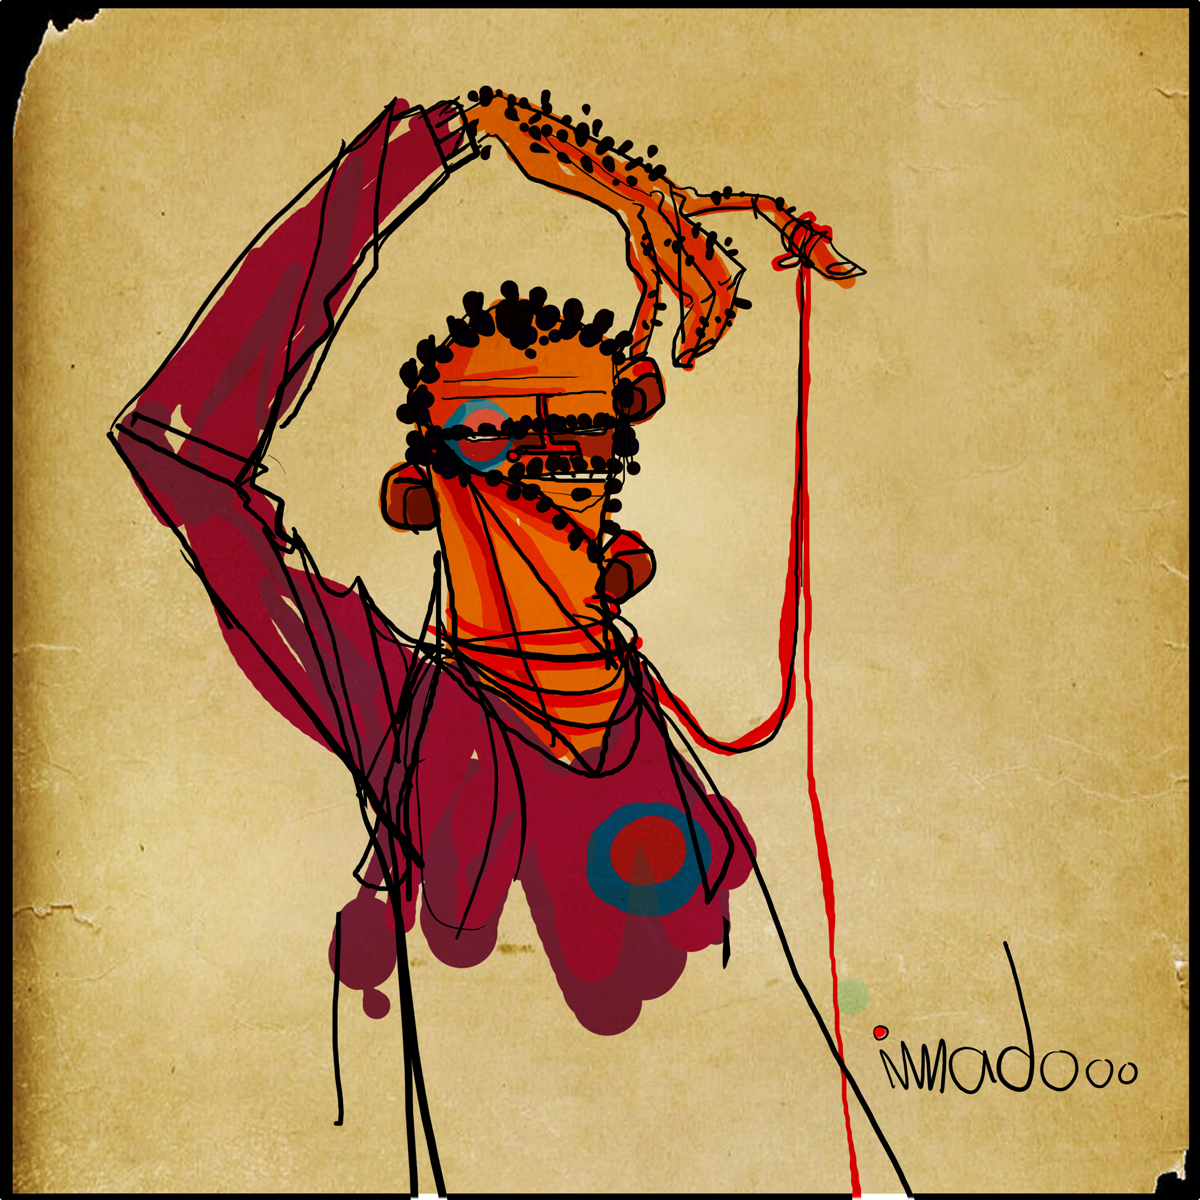 العمل للفنان عماد الوهيبي